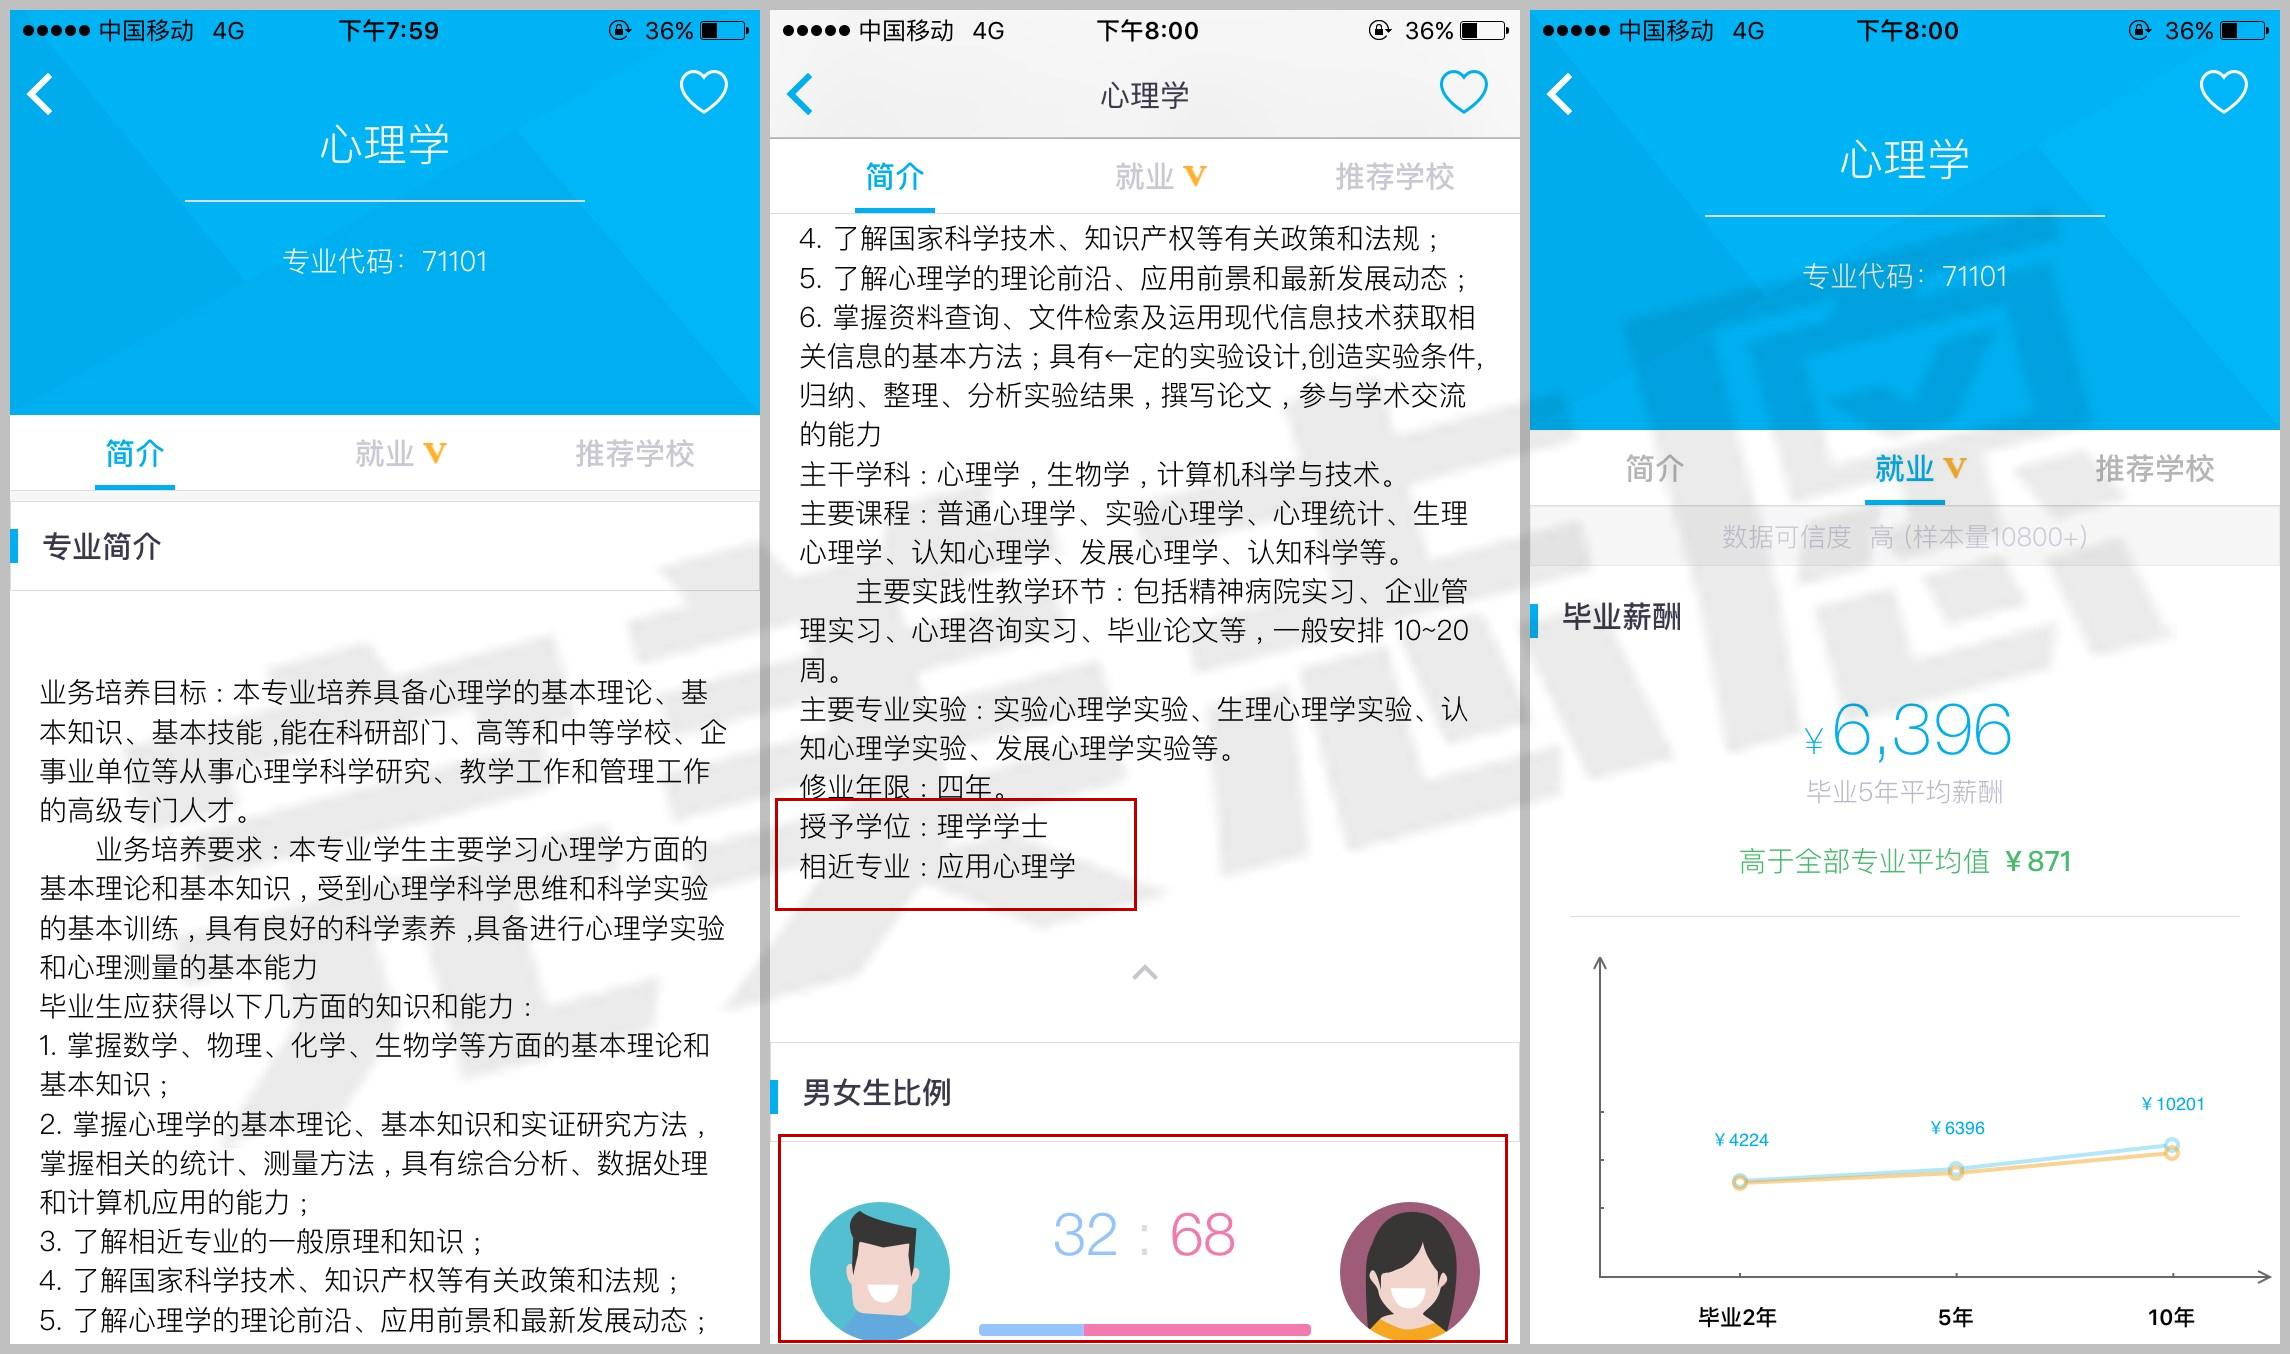 2016高考志愿填報:這些理工科專業同樣適合文科生_搜狐教育_搜狐網